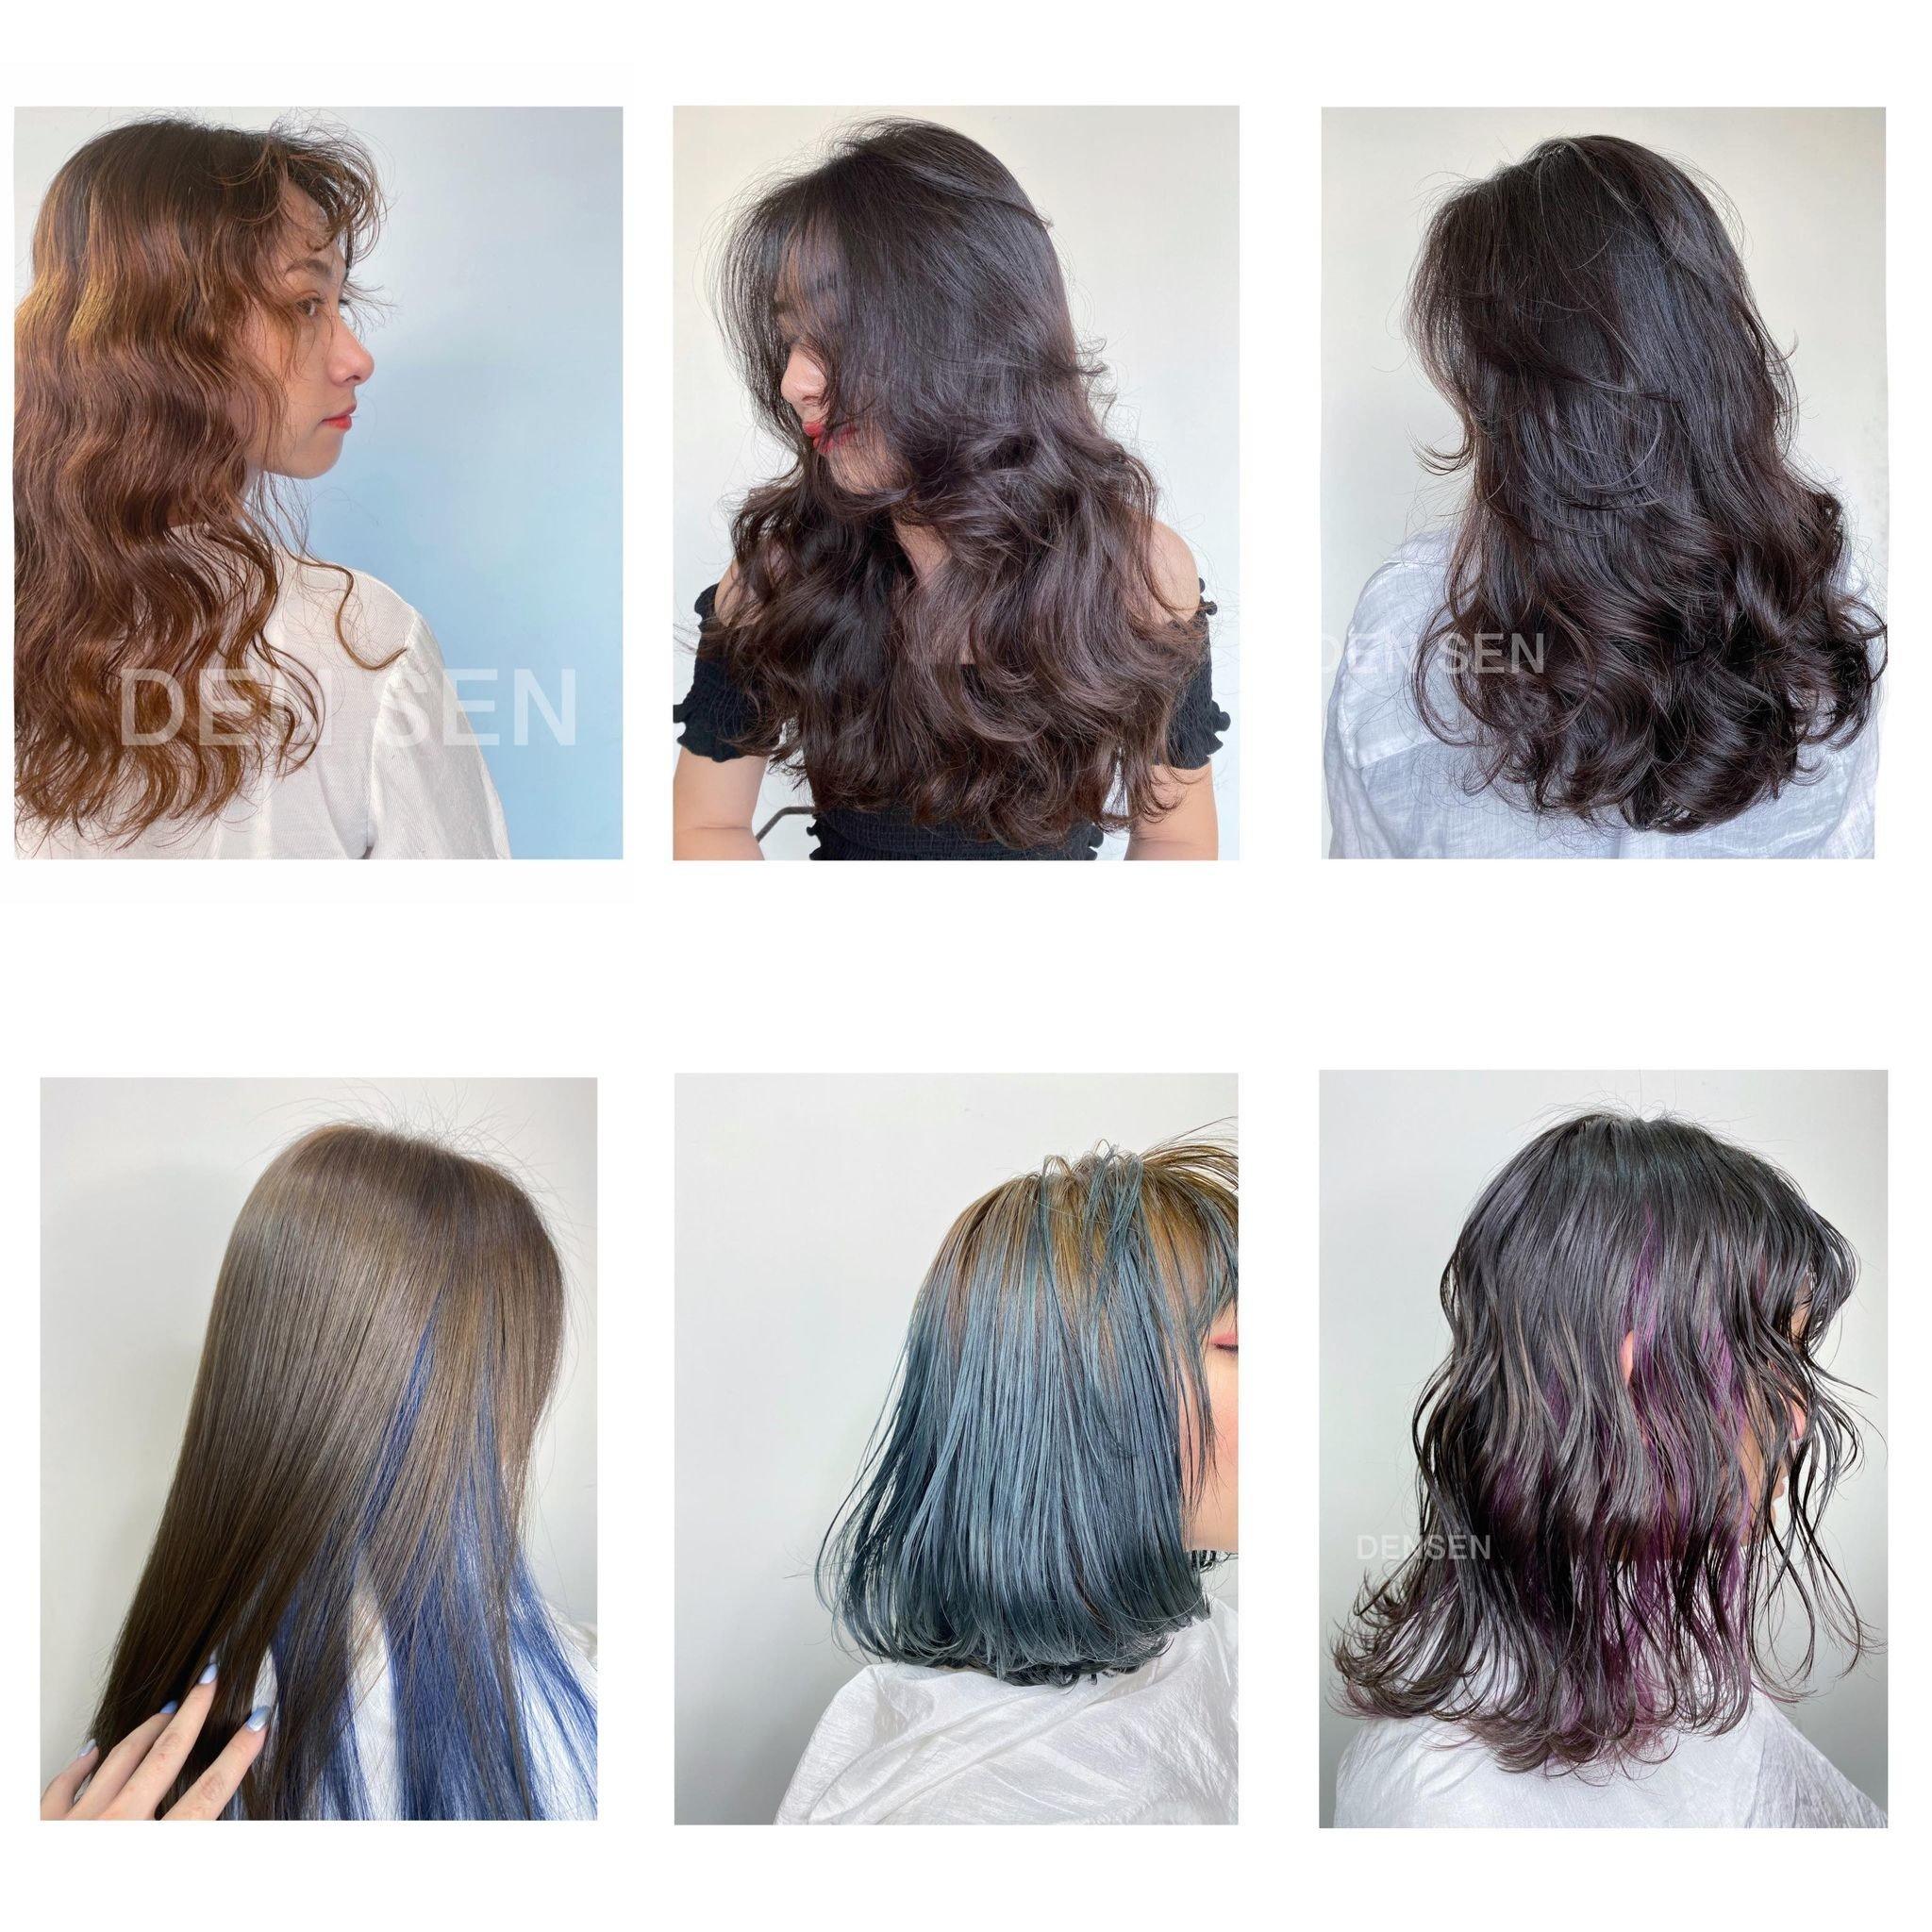 2021不漂髮也能染的霧感髮色-觸角染與雙層染,讓你美麗過新年!